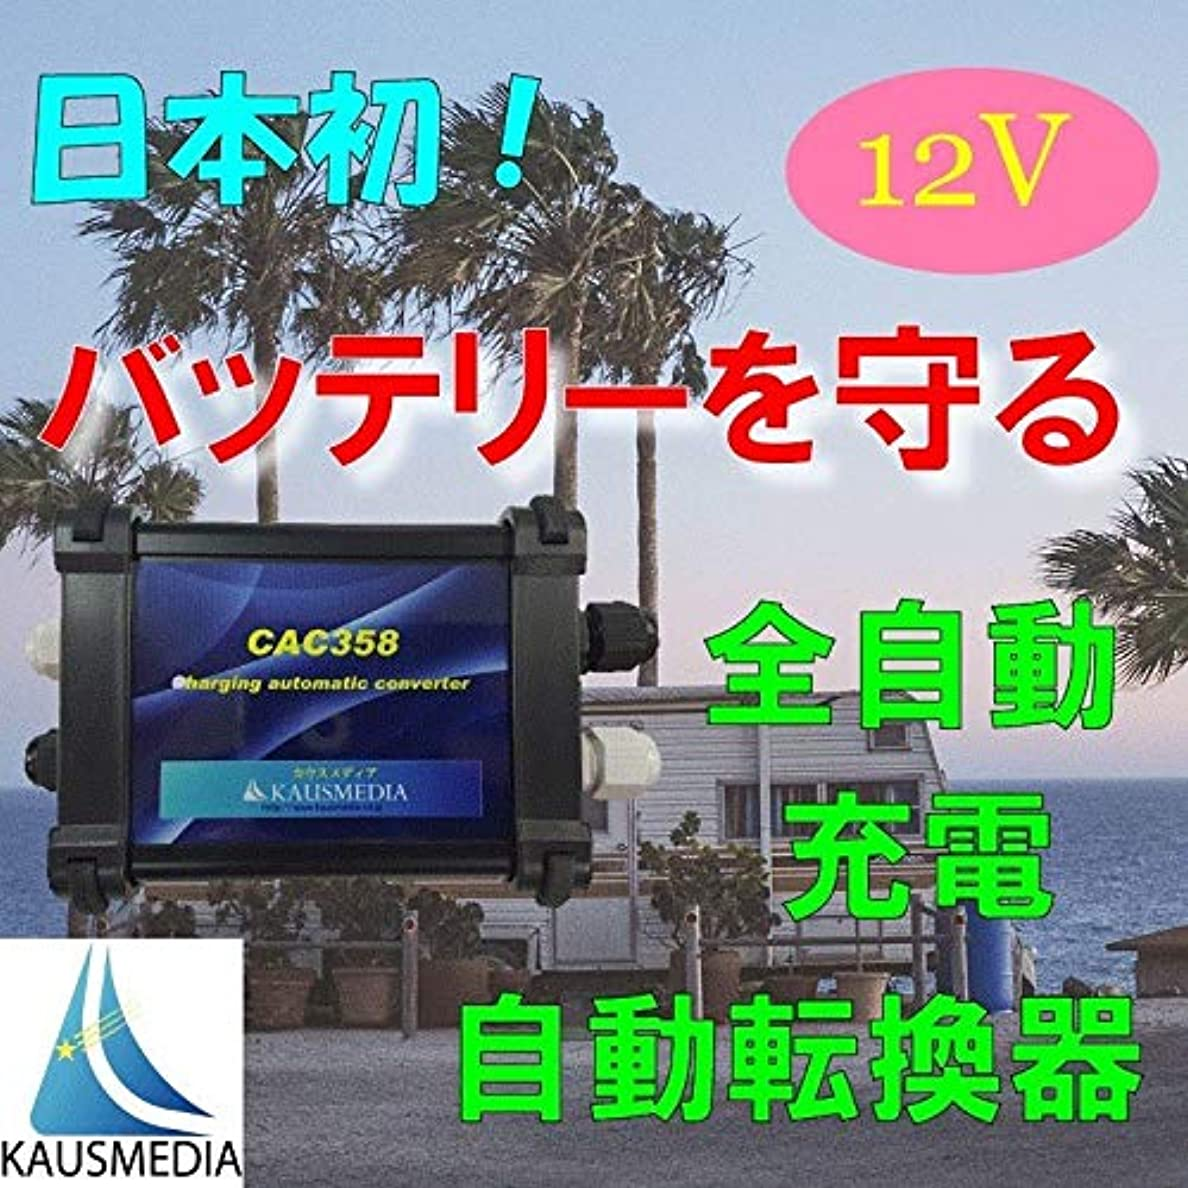 レパートリー意志に反する消える12Vバッテリー充電自動切換器 転換器 CAC358-12